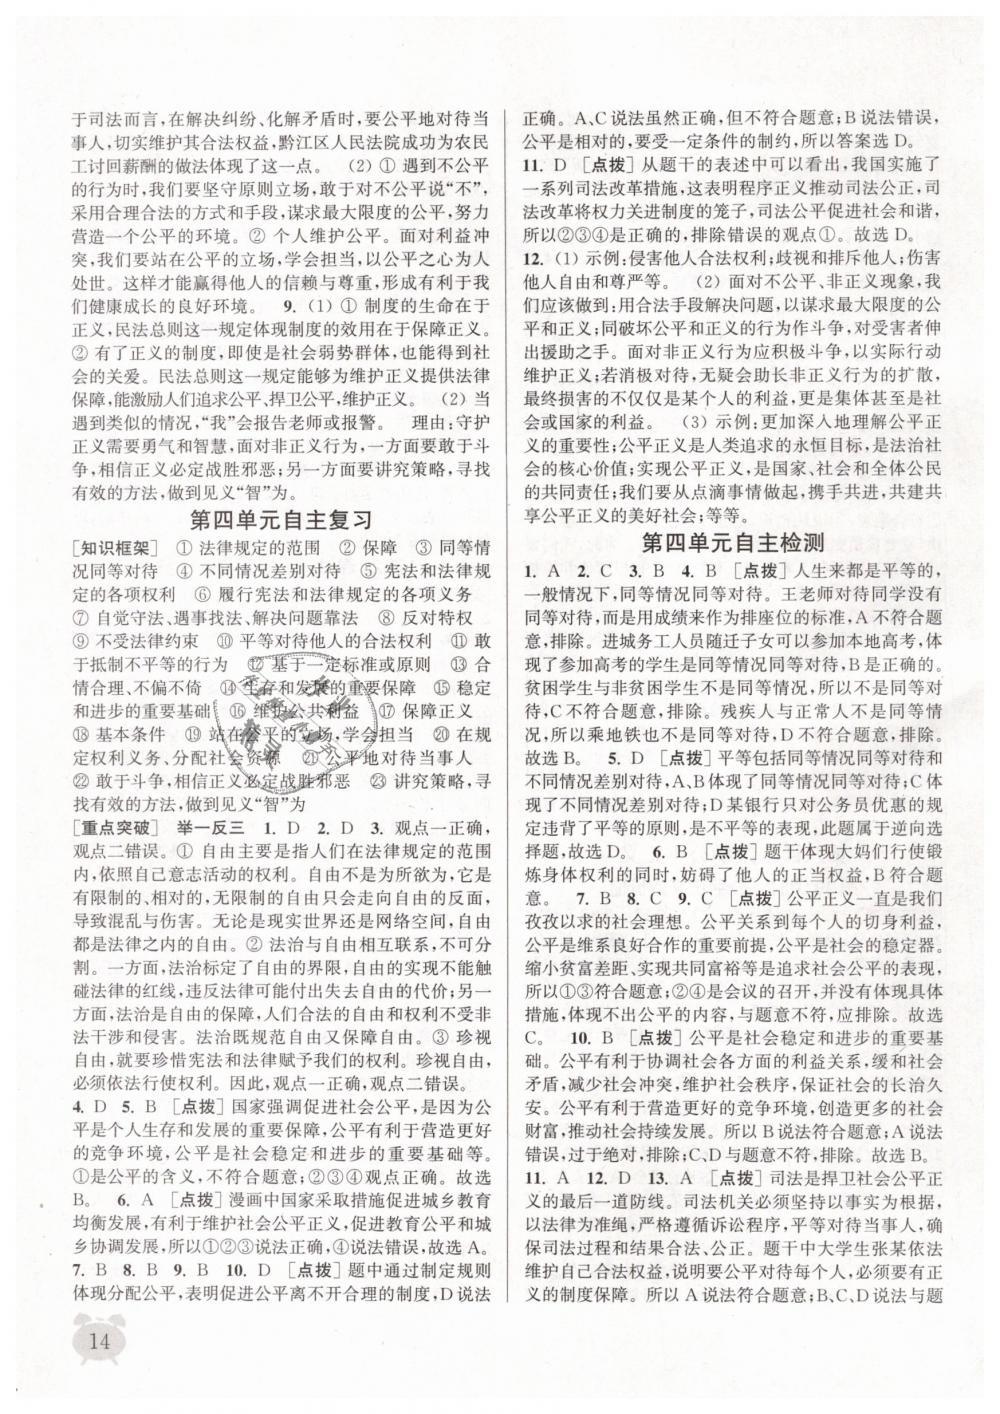 2019年通城学典课时作业本八年级道德与法治下册人教版第13页